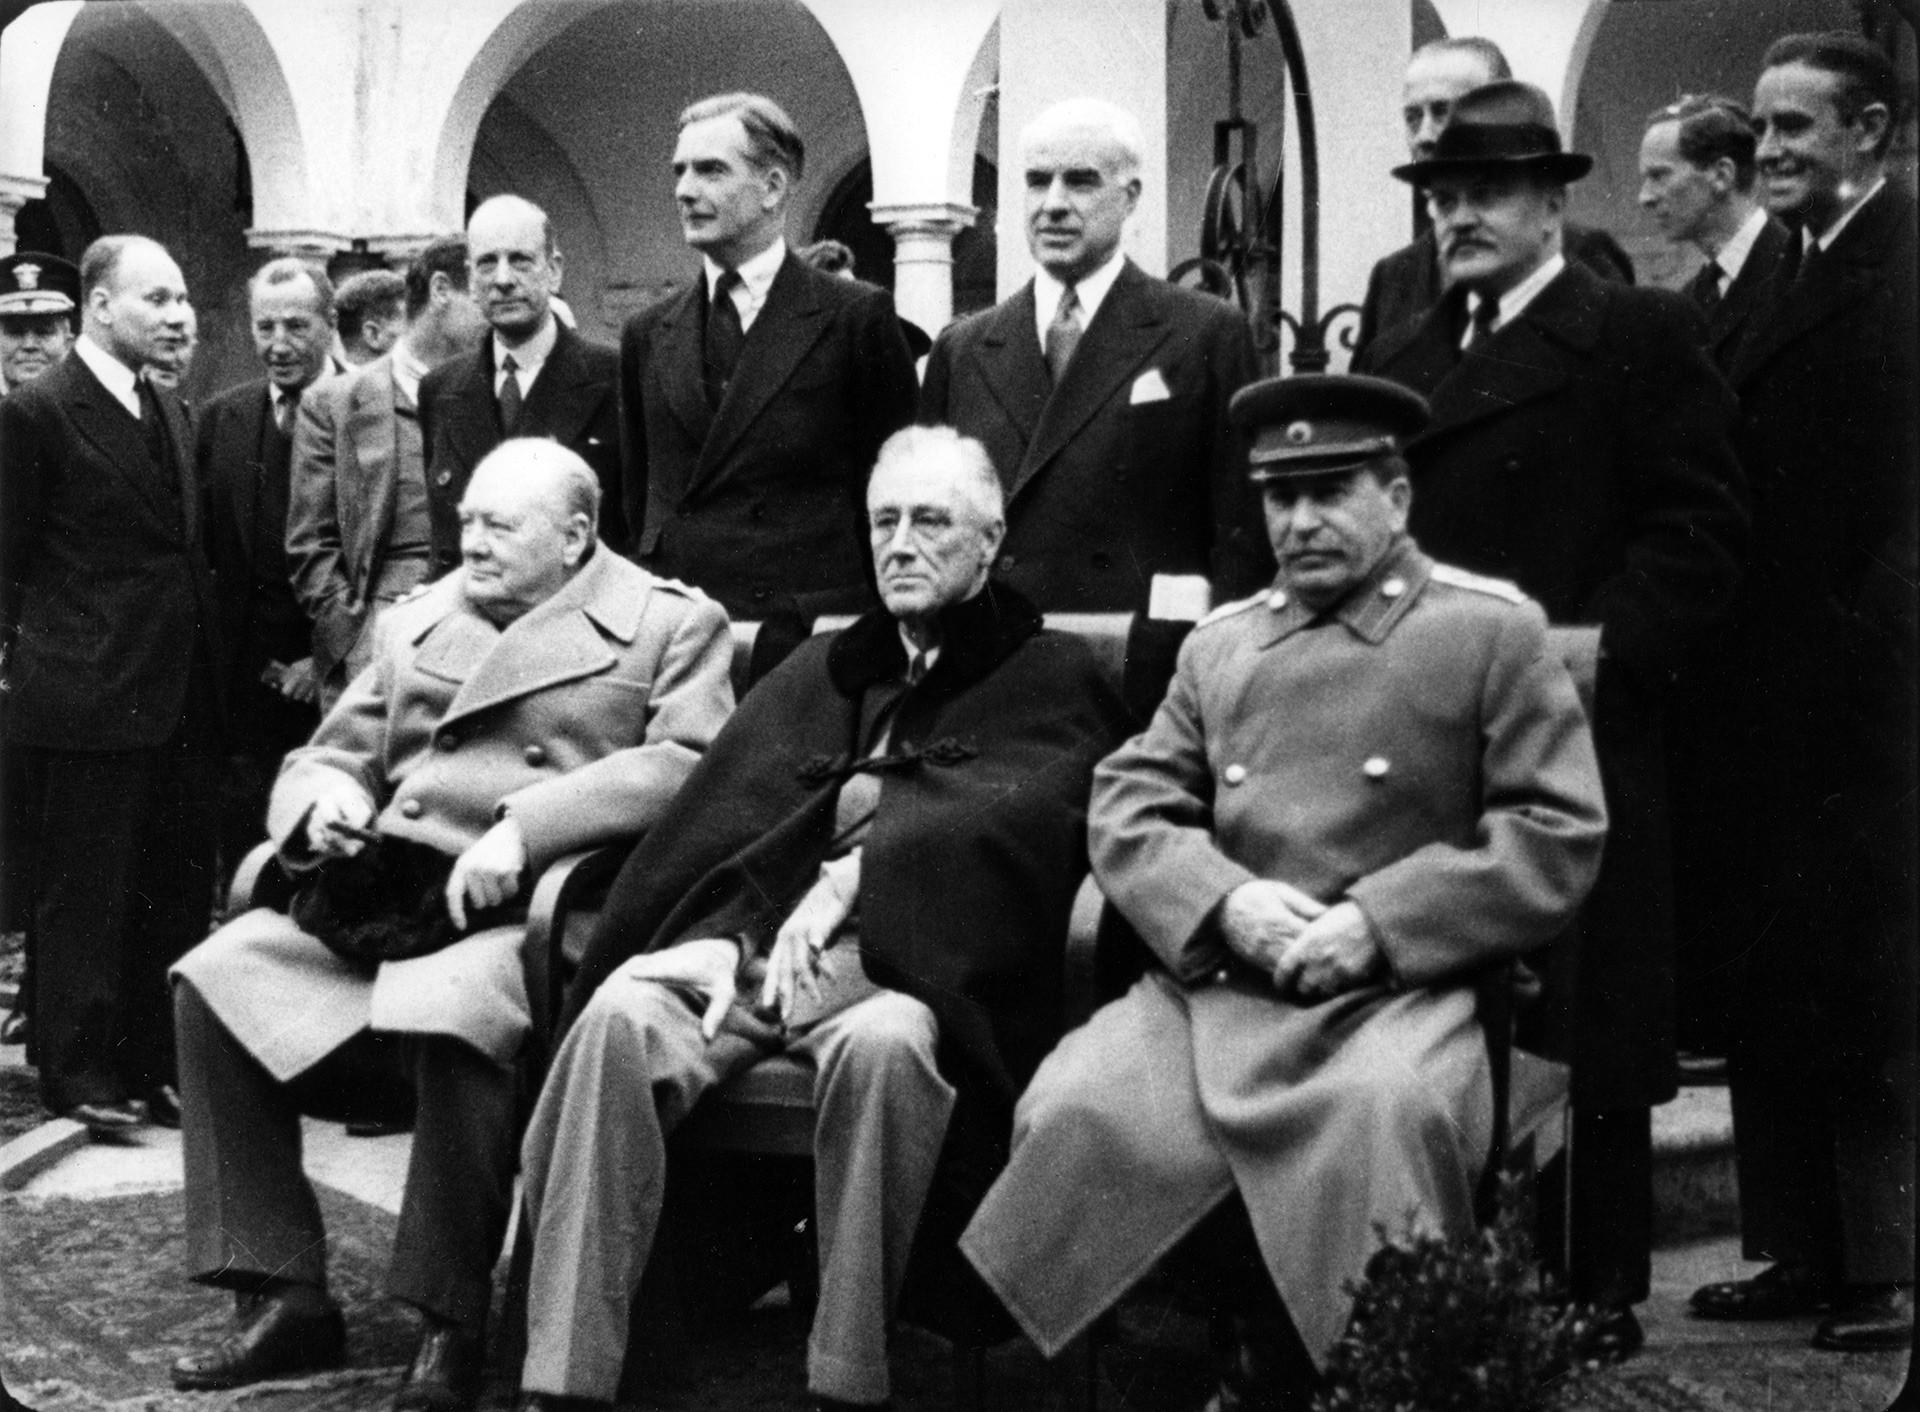 """""""Велика тројка"""" на Конференцији у Јалти. На слици: (слева надесно) Јосиф Стаљин, Френклин Рузвелт и Винстон Черчил."""